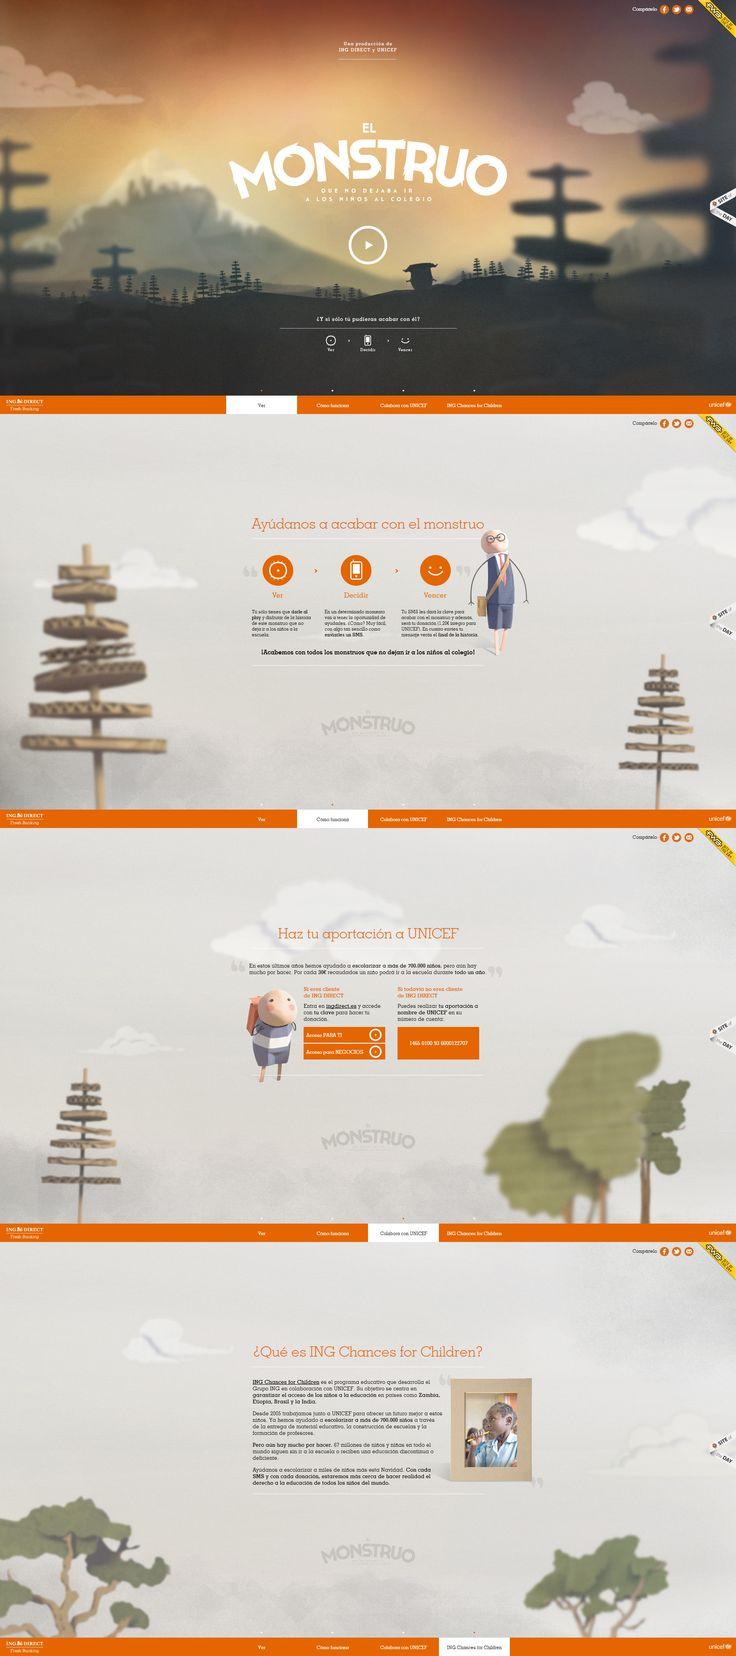 Monstruo | #webdesign #it #web #design #layout #userinterface #website #webdesign < repinned by www.BlickeDeeler.de | Take a look at www.WebsiteDesign-Hamburg.de